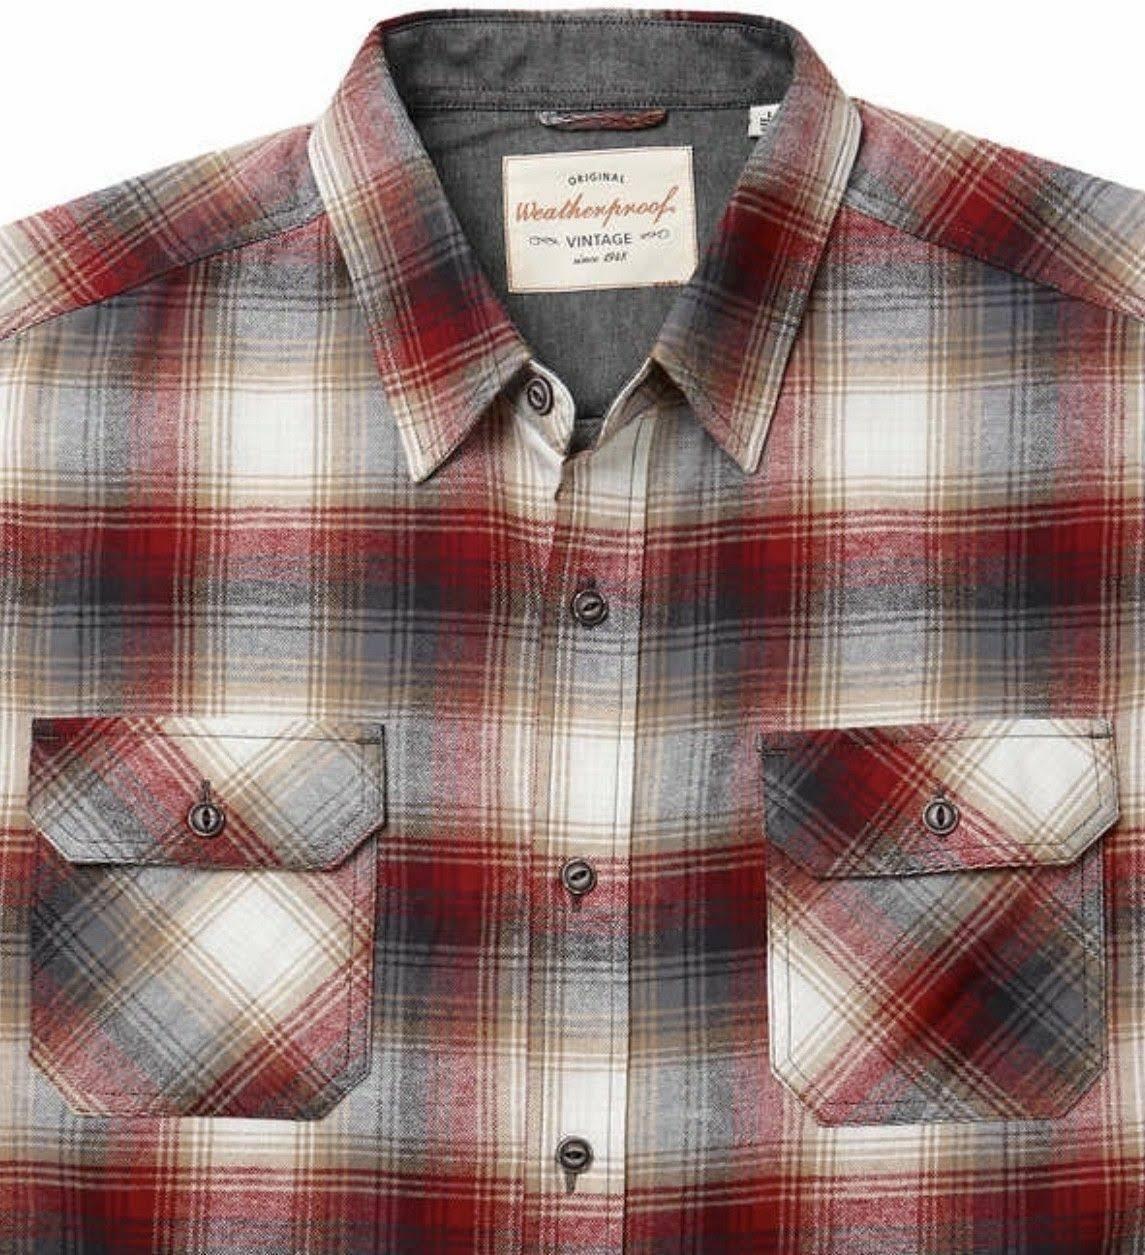 Prueba Botones Intemperie A Los De Camisa Franela Con Hombres Bx5w0nPgq